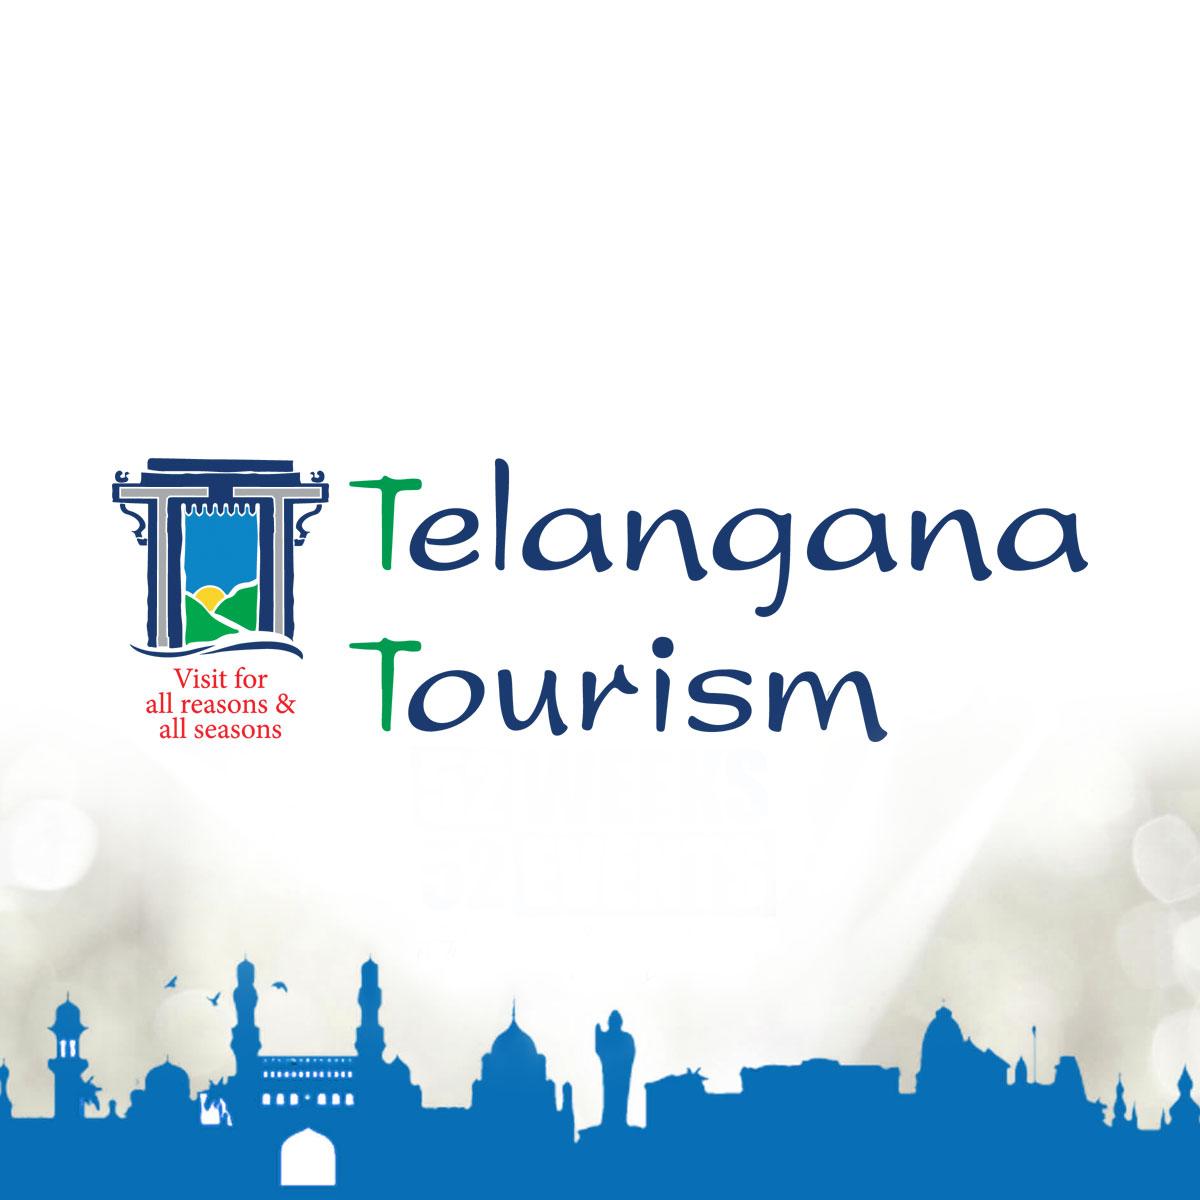 Telangana Tourism - Hyderabad Image